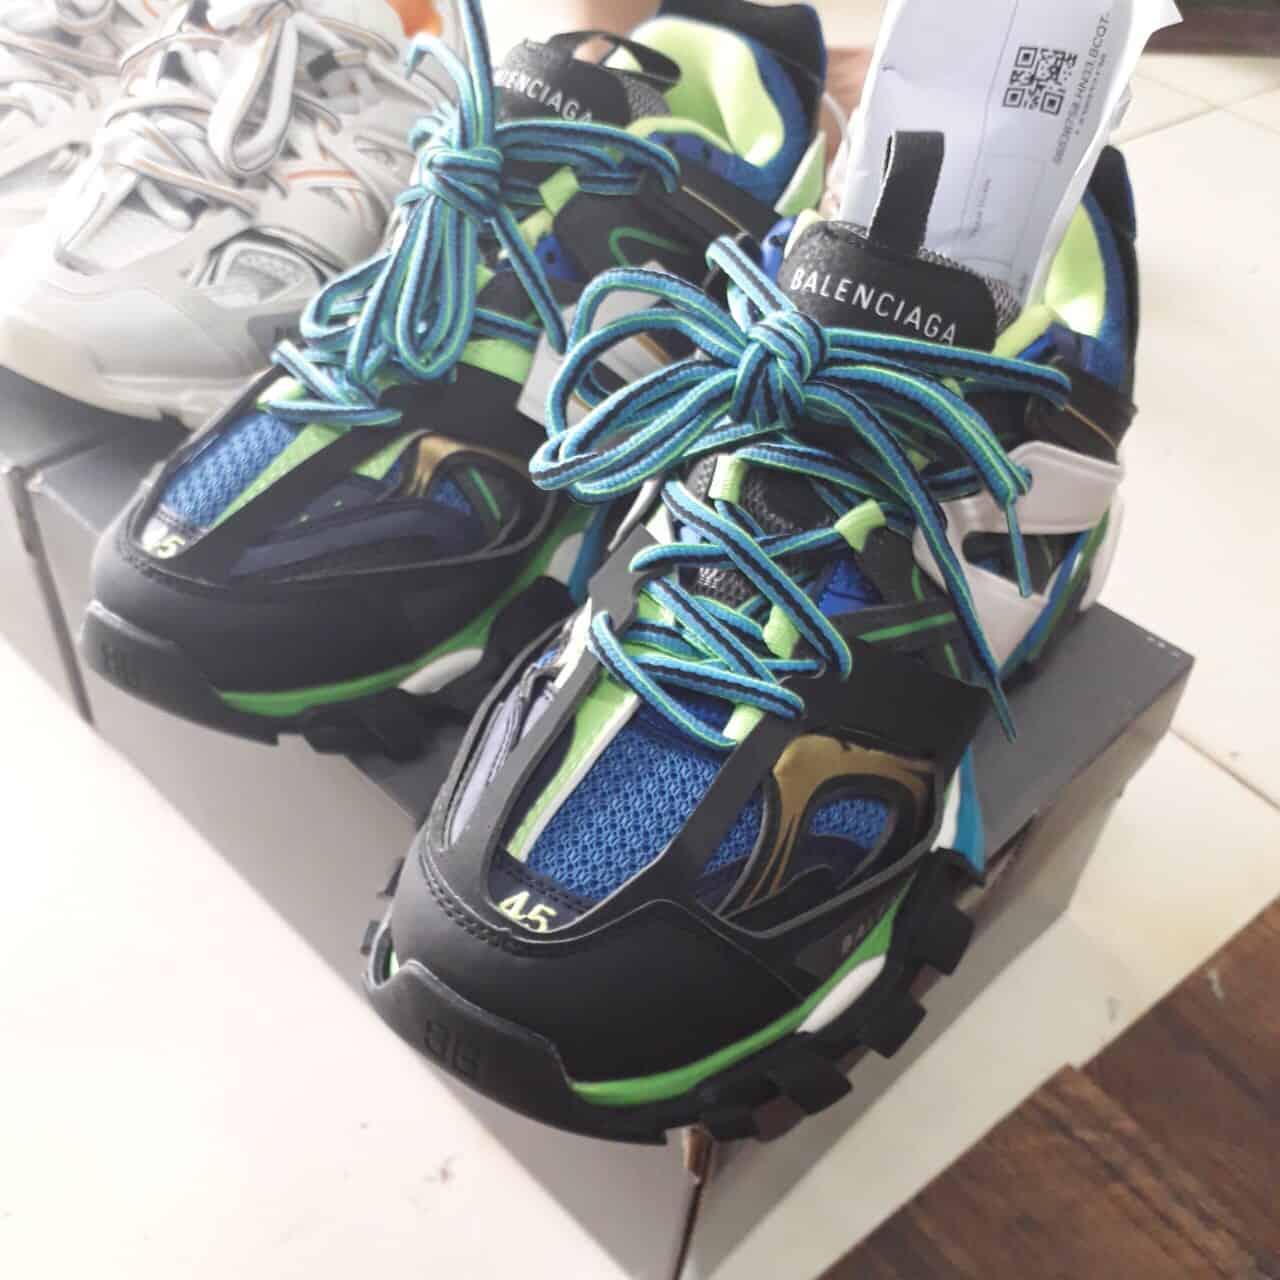 BT Sneaker giúp bạn tìm thấy đôi giày hợp ý để tiếp cận thành công dễ dàng hơn